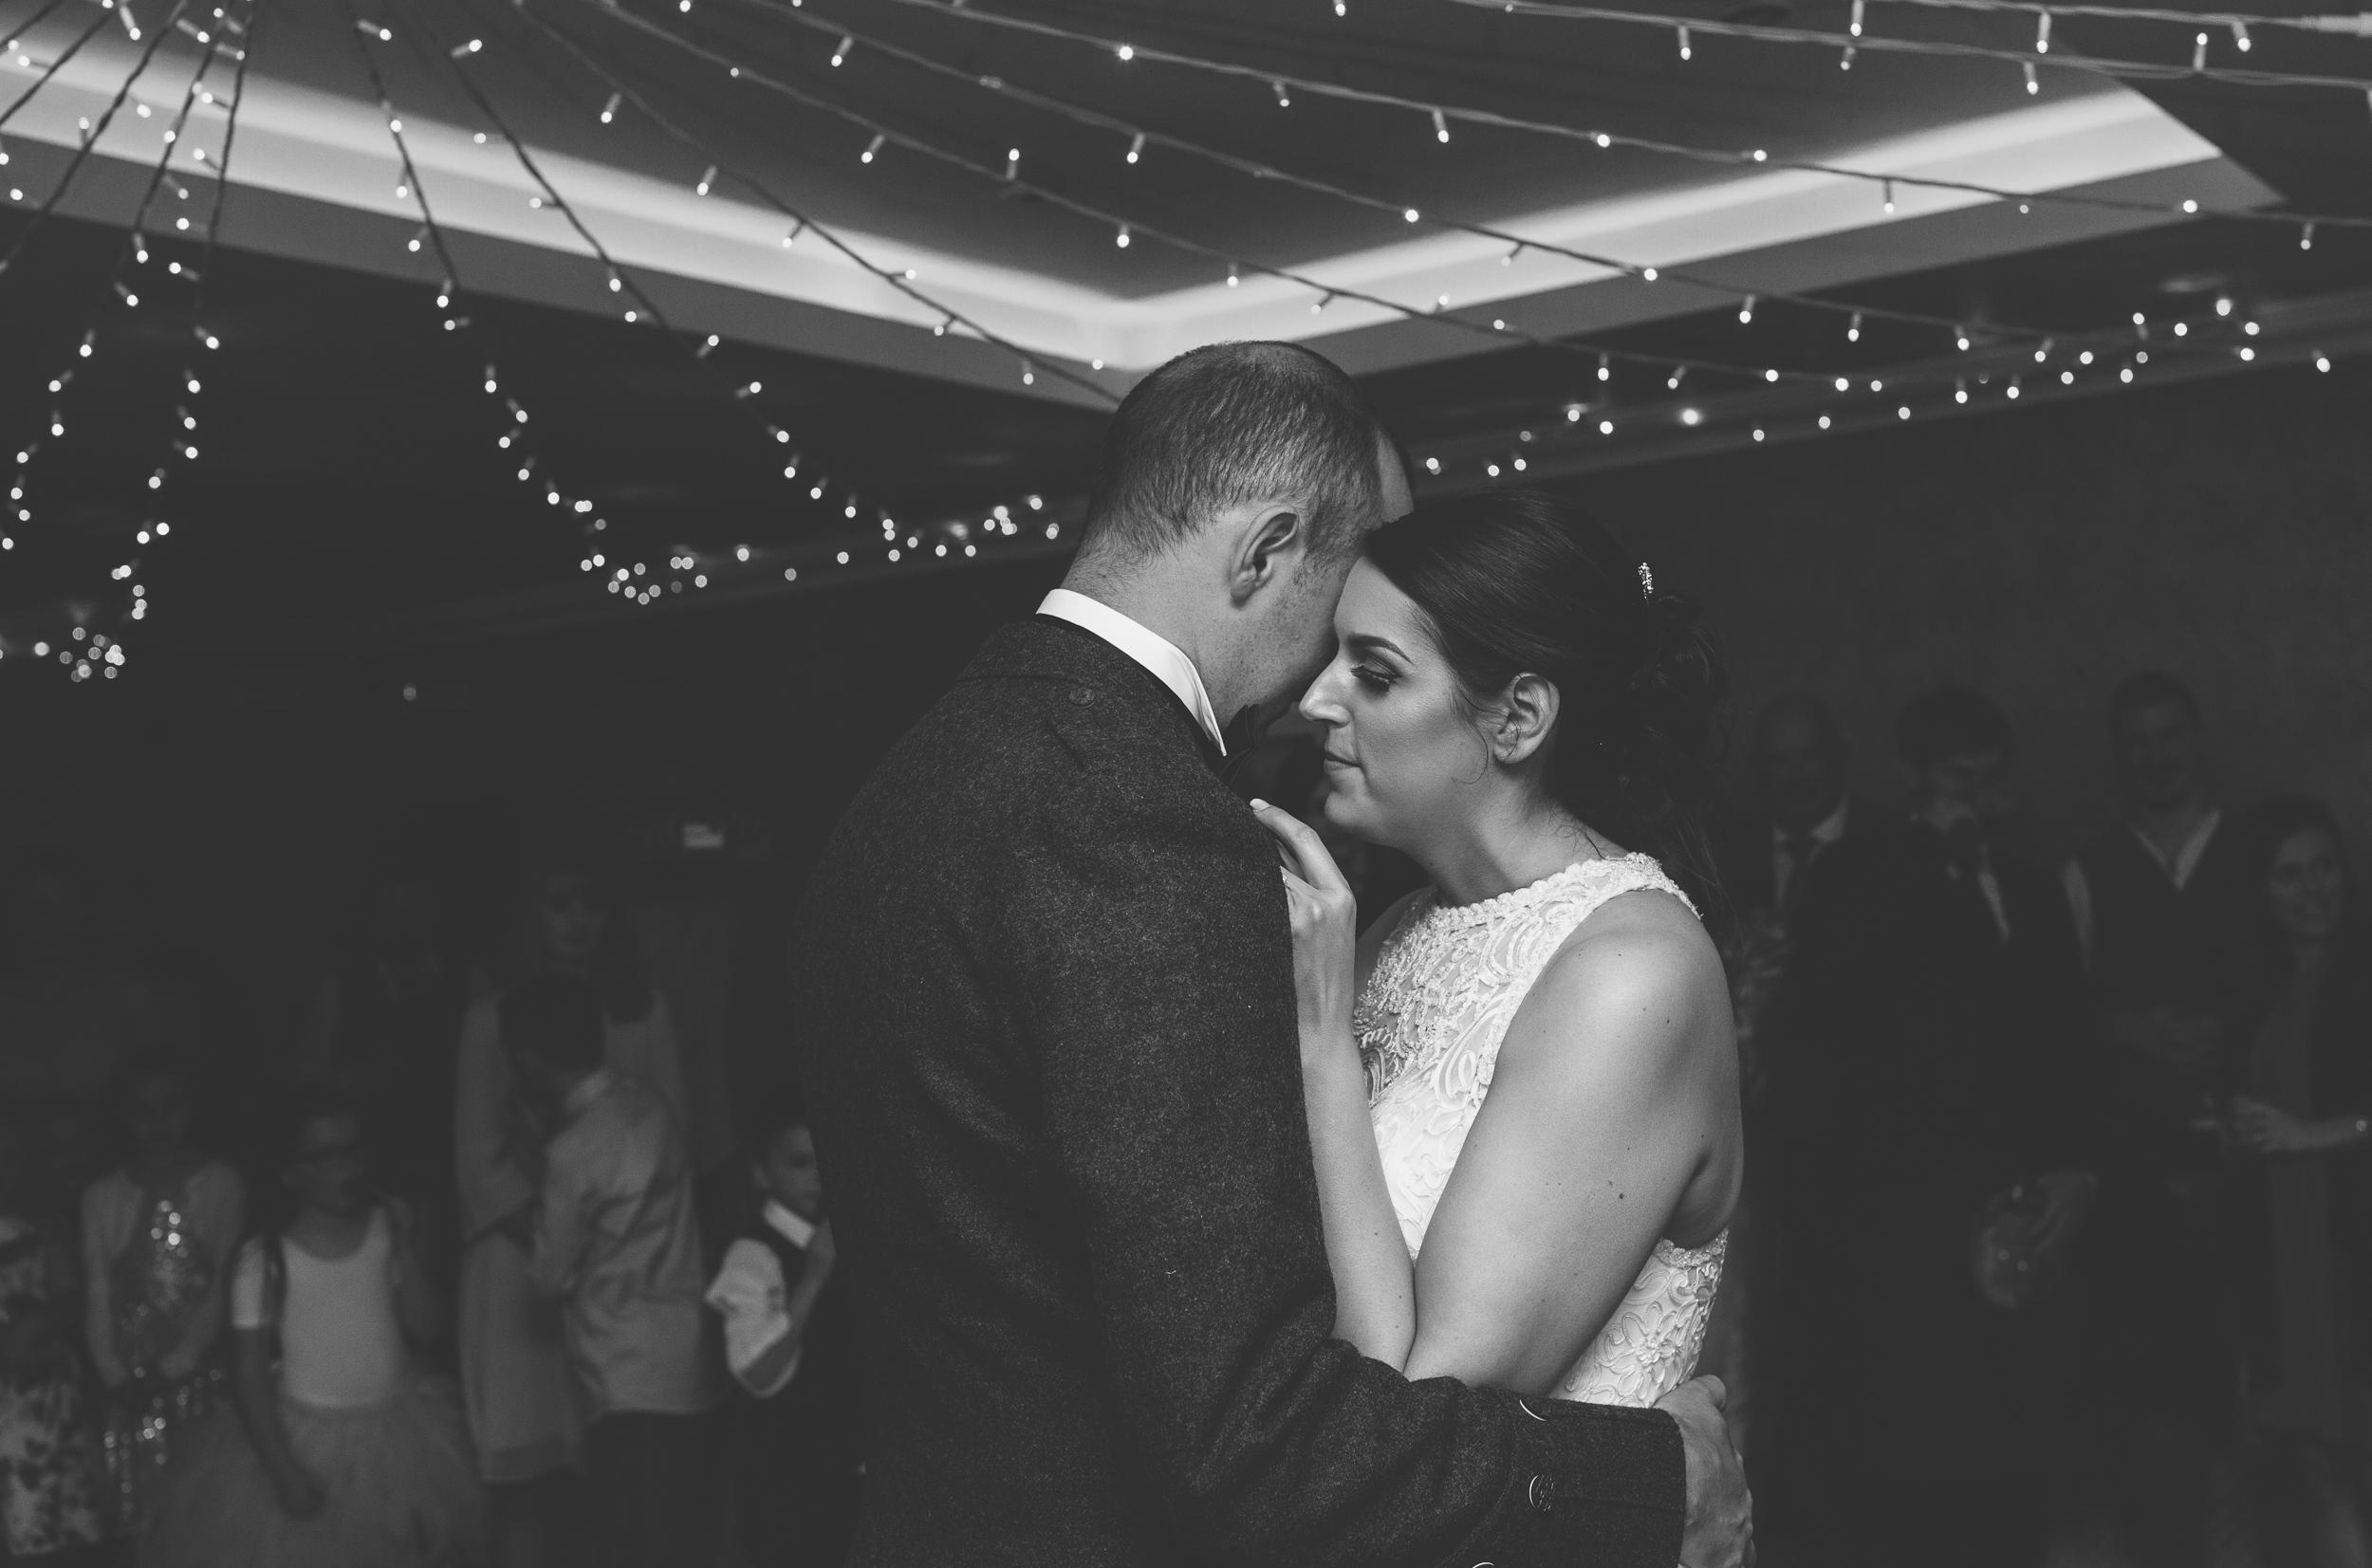 banchorylodgeweddingphotography (21 of 21).jpg